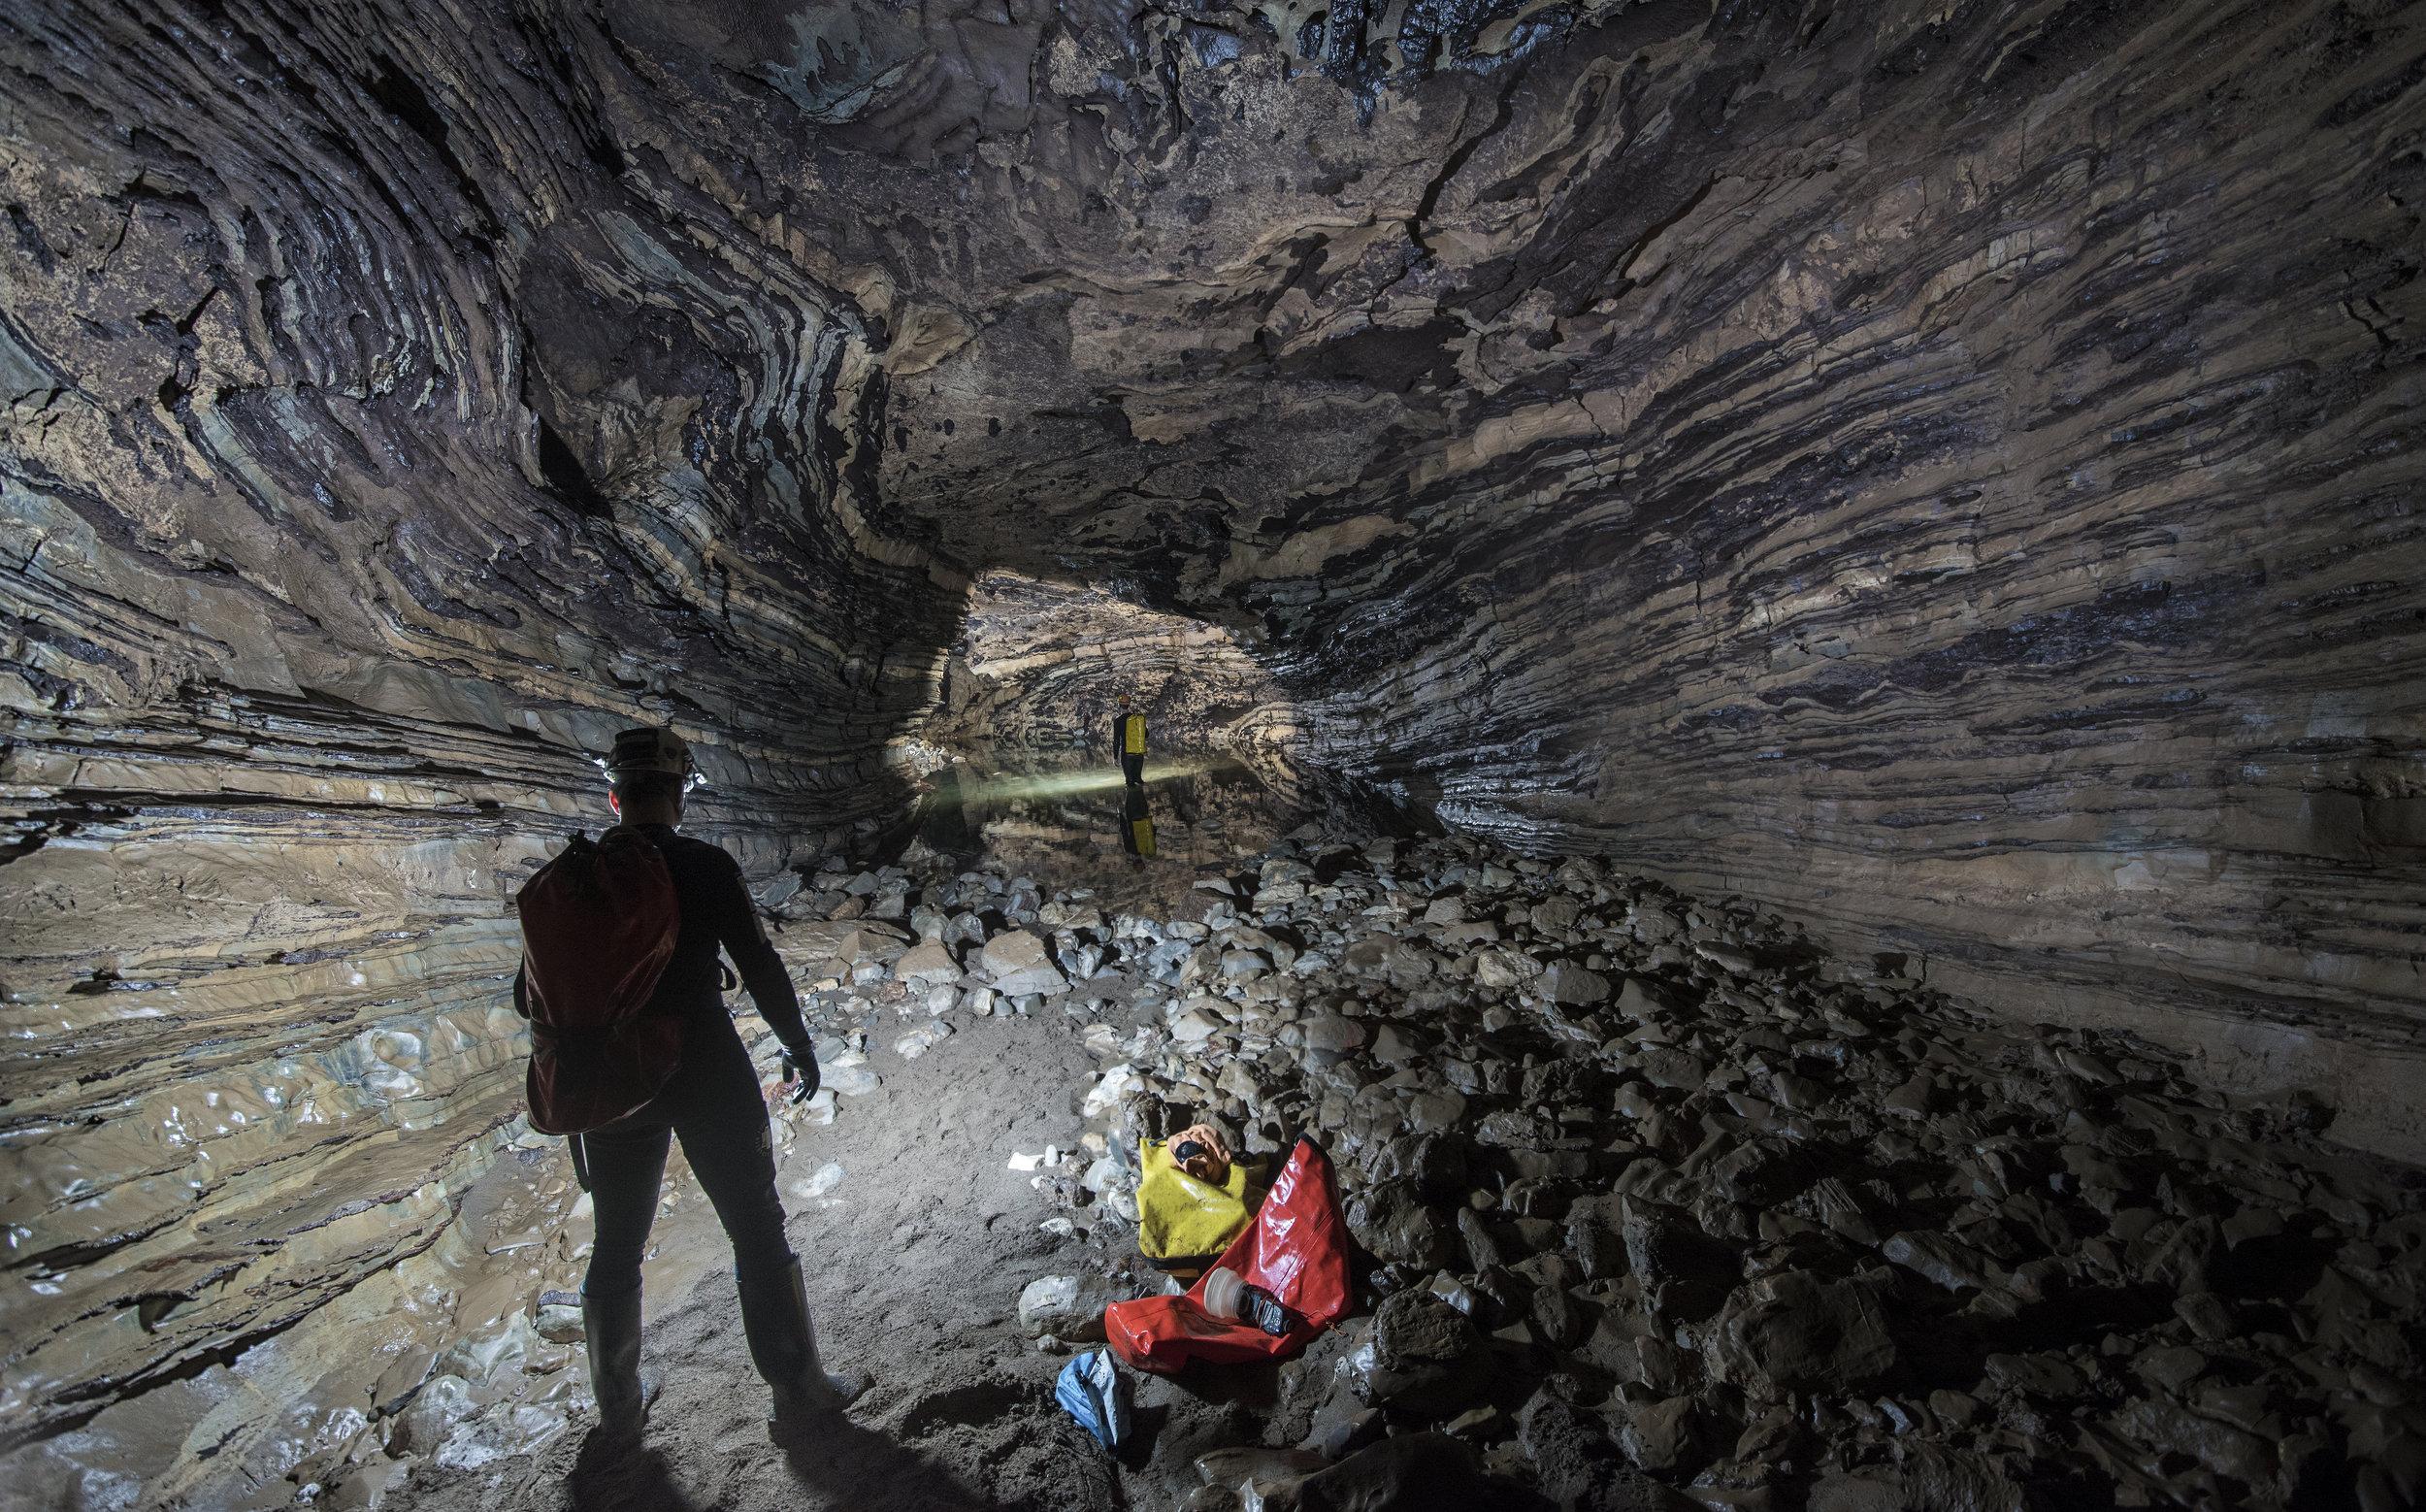 cueva-de-la-pena-colorada_26322945857_o.jpg